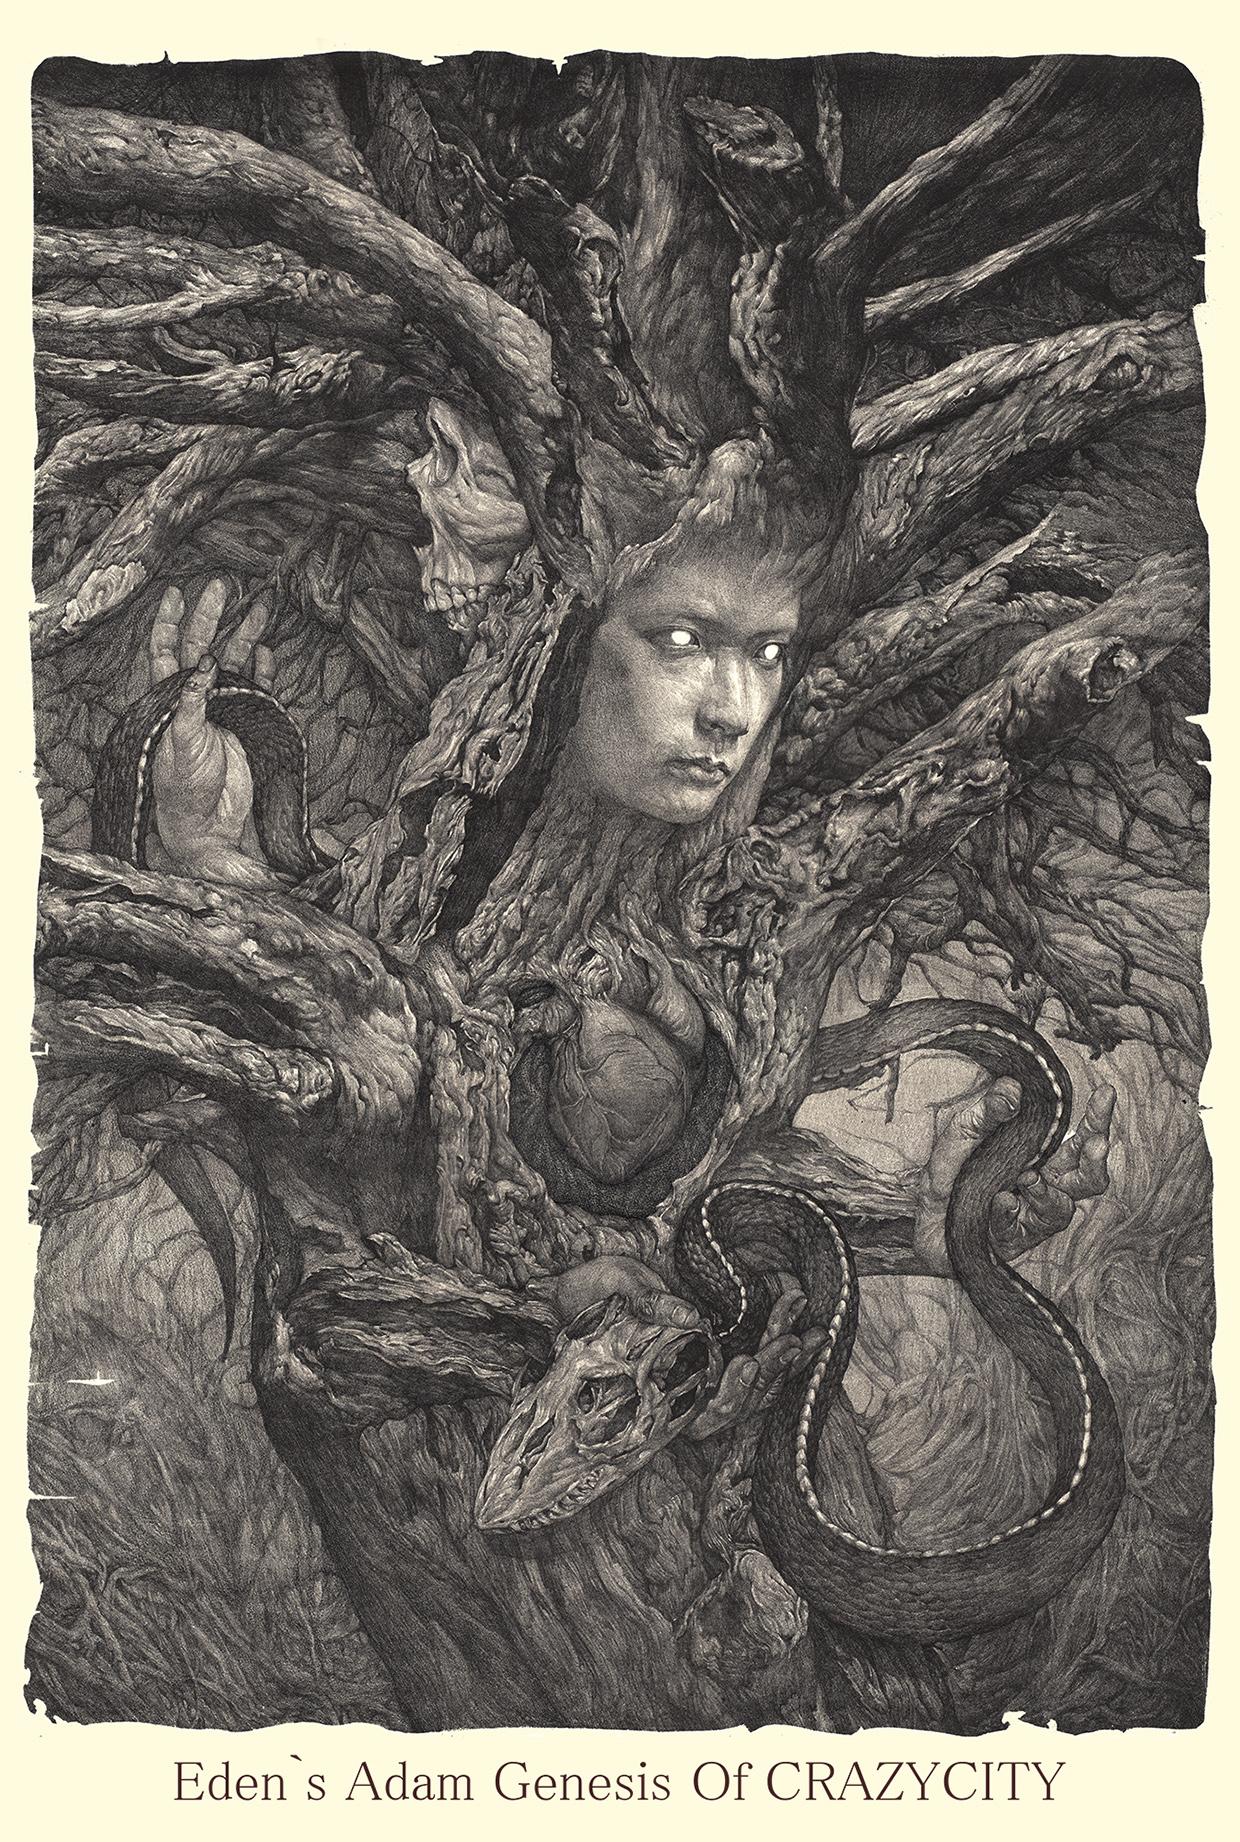 so-pinenut-ilustracao-arte-dionisio-arte-28